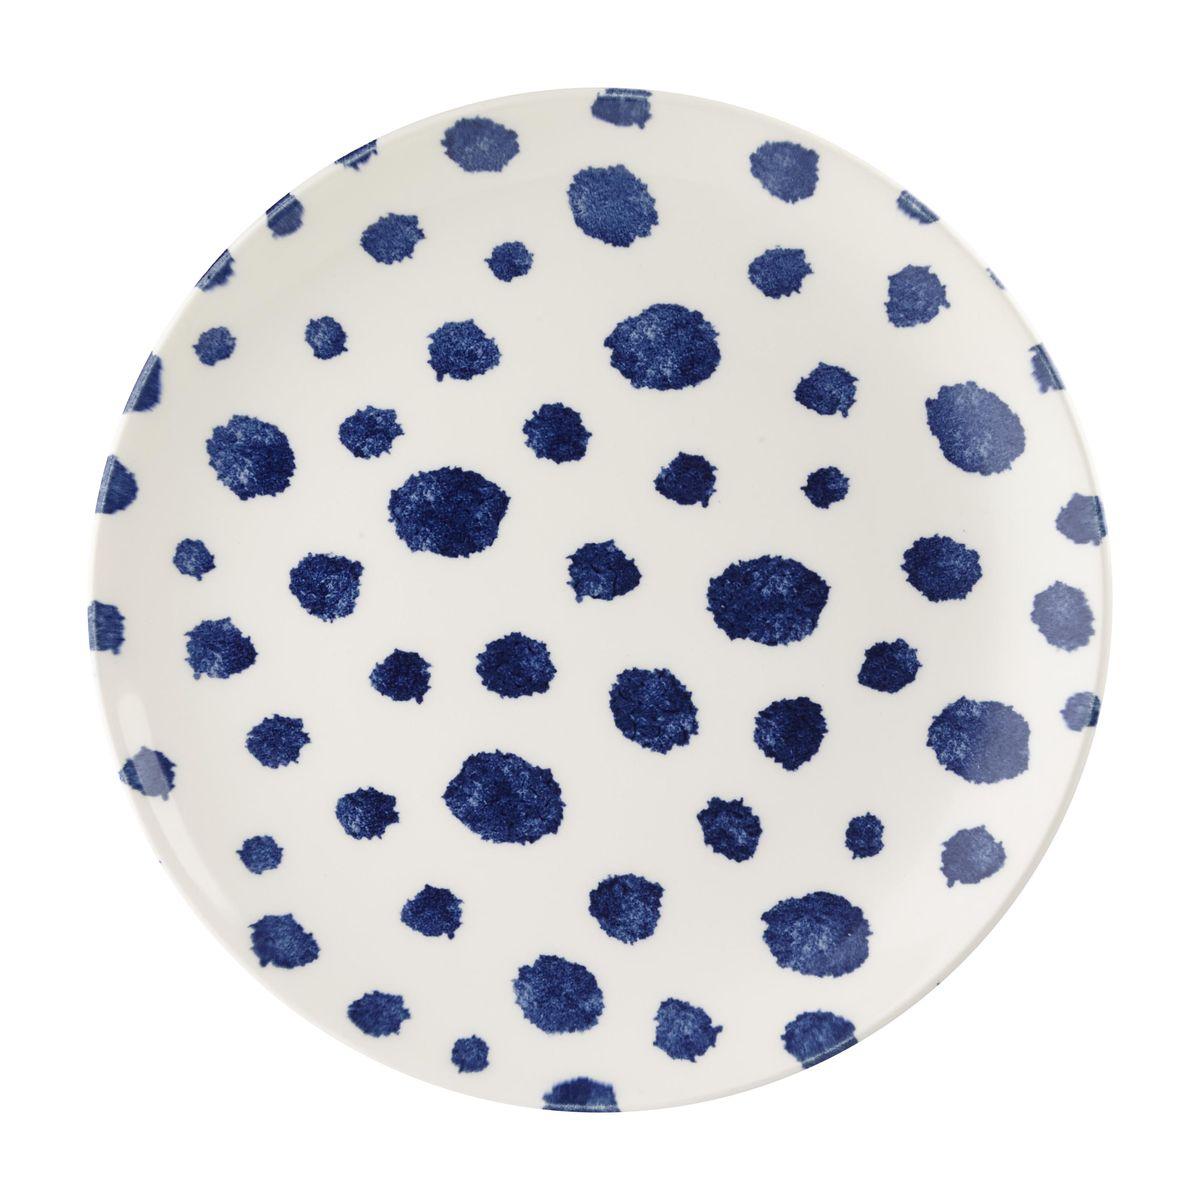 Тарелка десертная Churchill Инки, диаметр 20,5 см. INKI00021INKI00021Десертная тарелка Churchill Инки, изготовленная из высококачественного фаянса, имеет классическую круглую форму. Она прекрасно впишется в интерьер вашей кухни и станет достойным дополнением к кухонному инвентарю. Десертная тарелка Churchill Инки подчеркнет прекрасный вкус хозяйки и станет отличным подарком.Диаметр тарелки (по верхнему краю): 20,5 см.